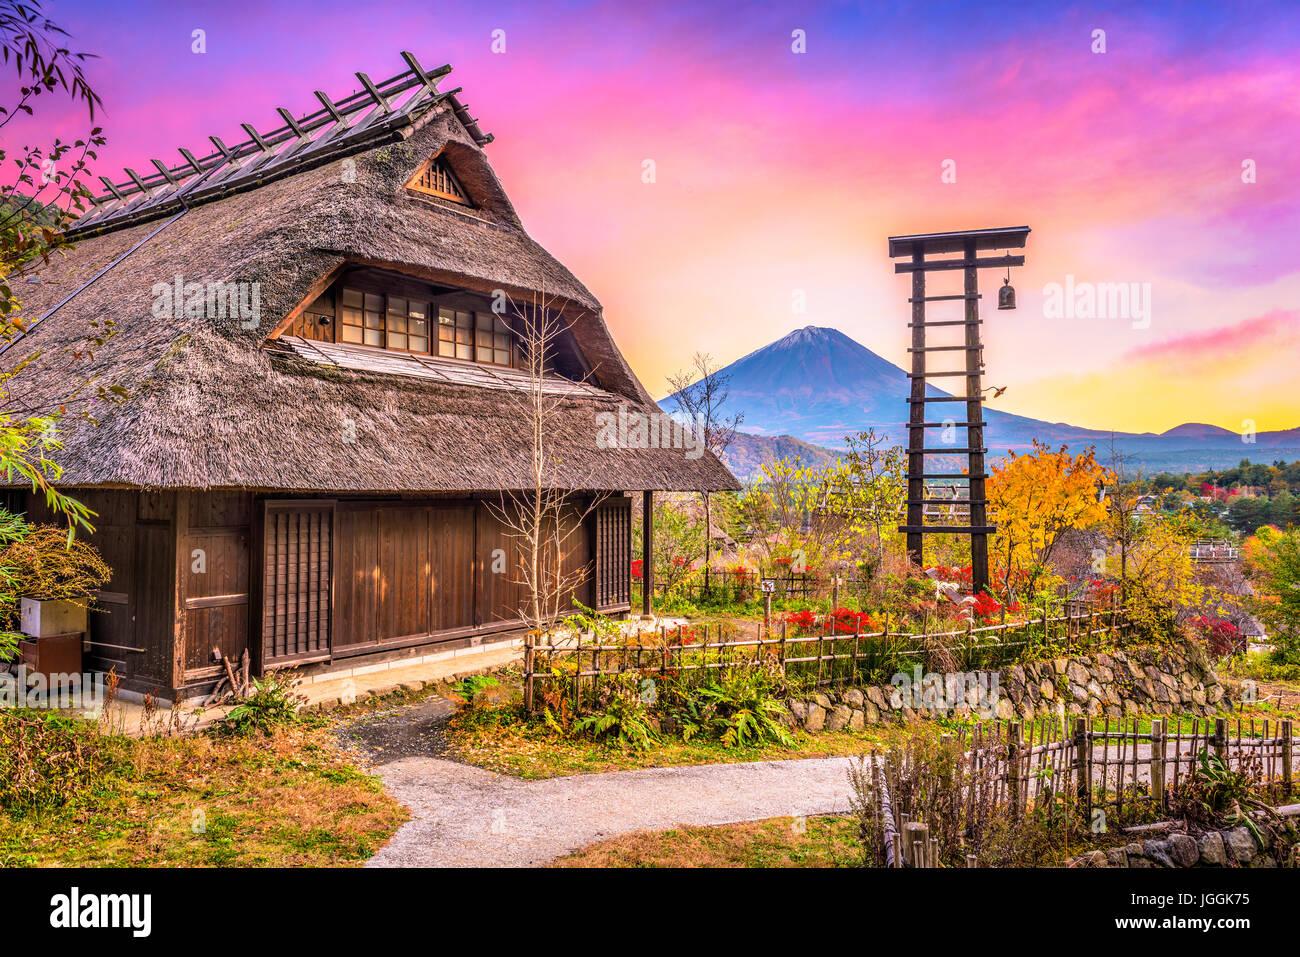 Mt. Fuji, Japón con villa histórica Iyashi no Sato durante el otoño Imagen De Stock